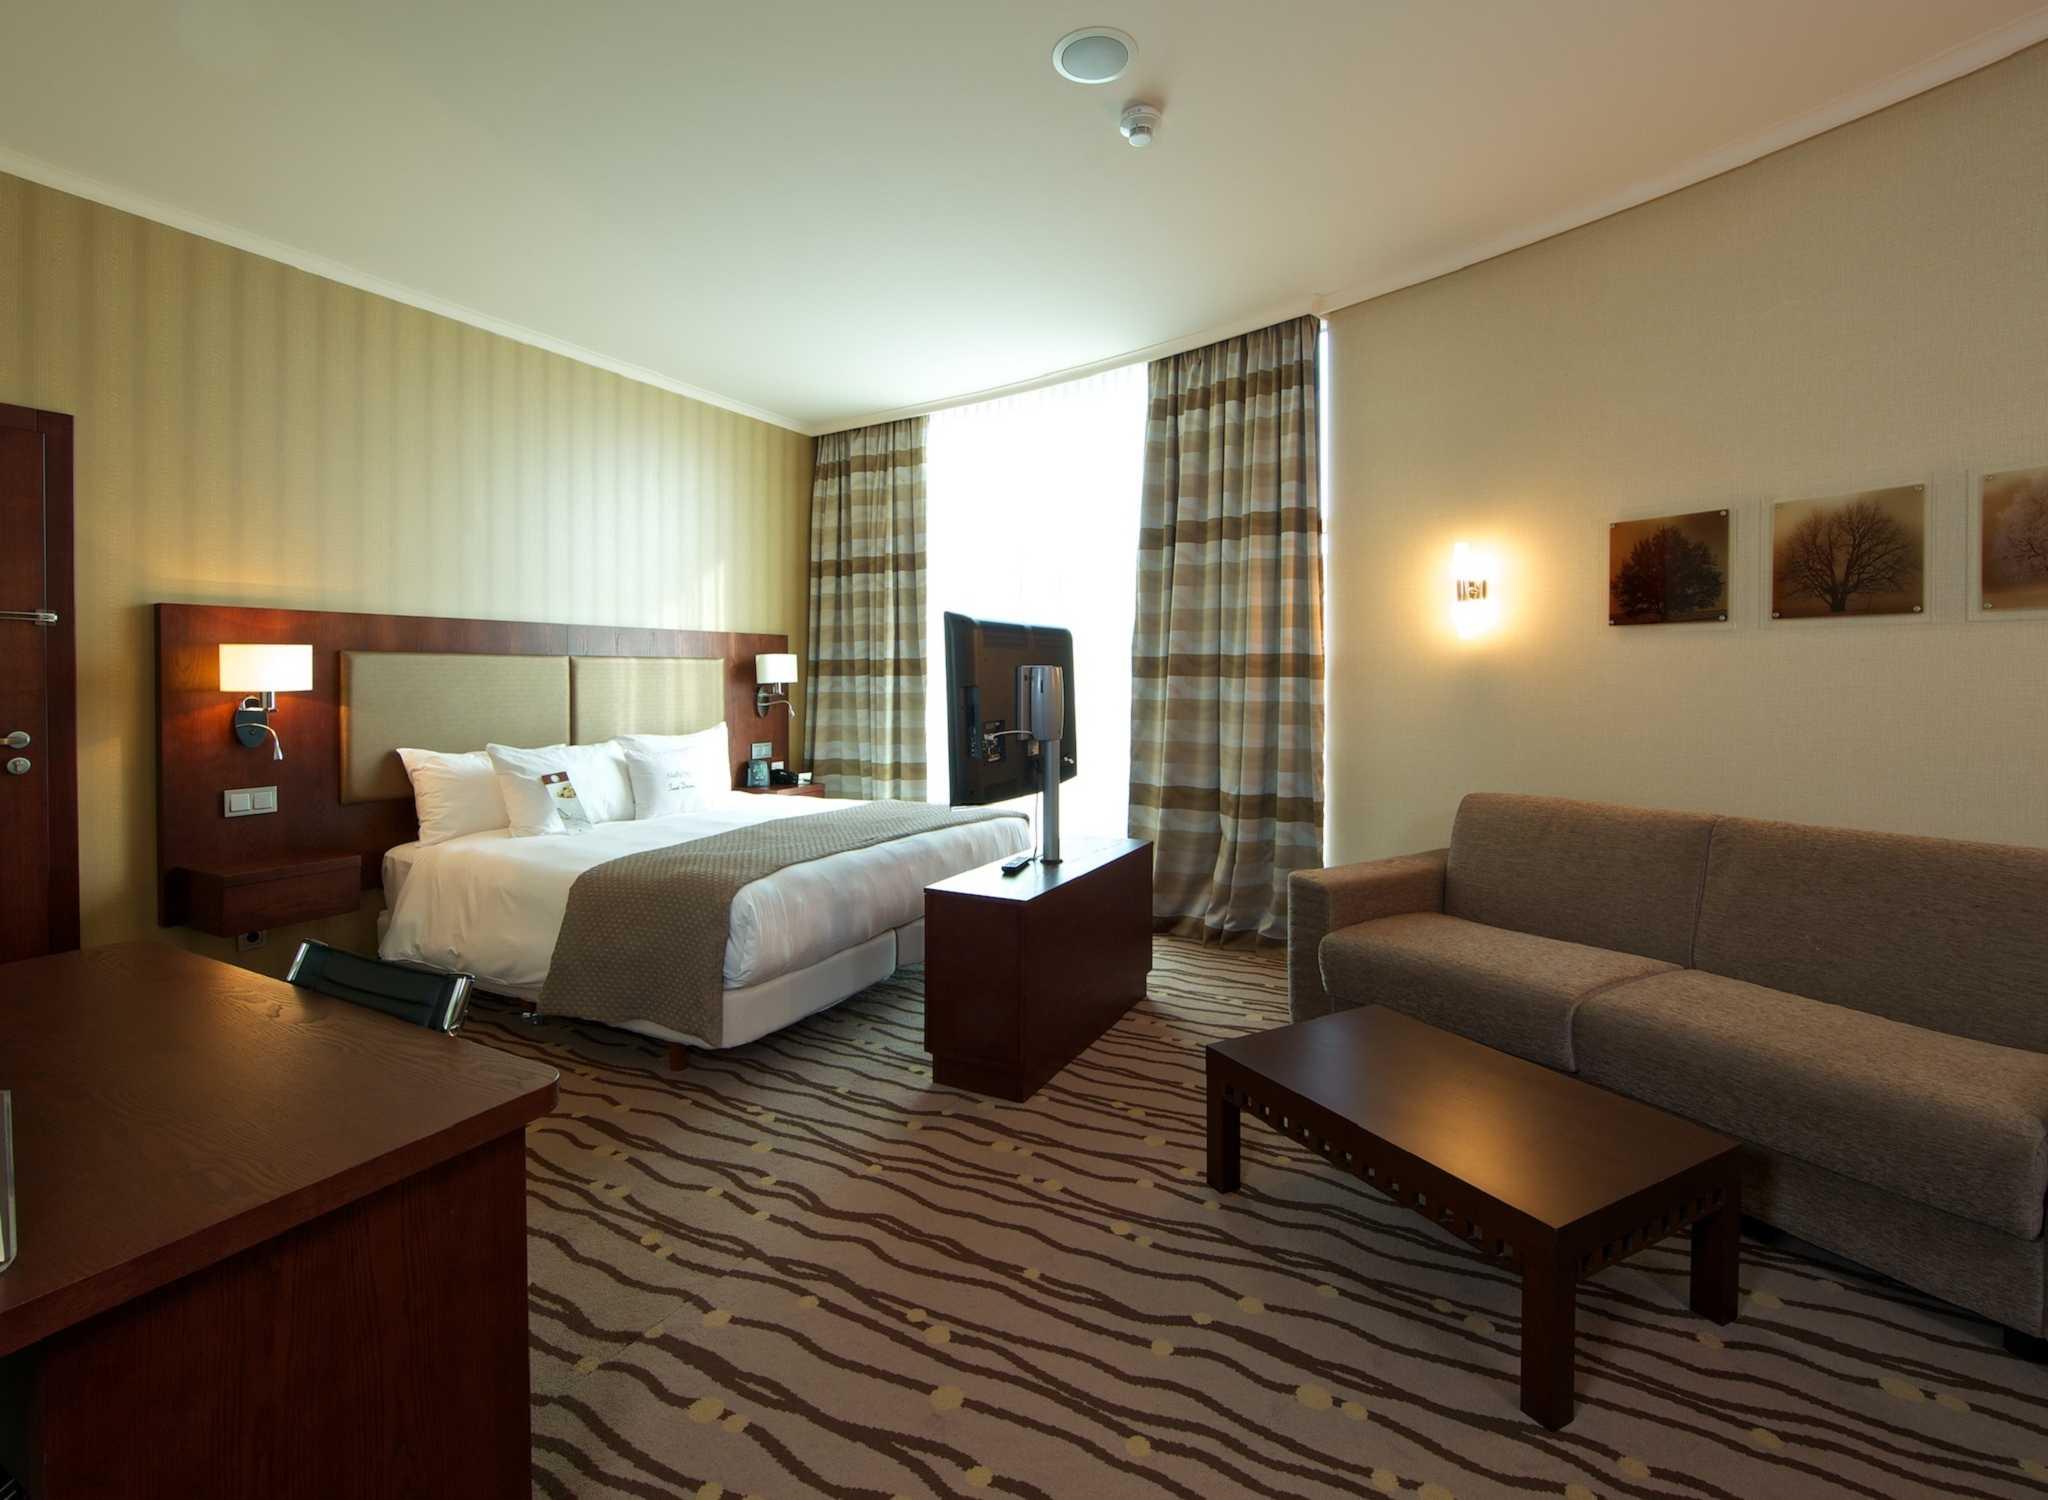 hotels in bratislava – doubletree by hilton hotel bratislava, Hause deko